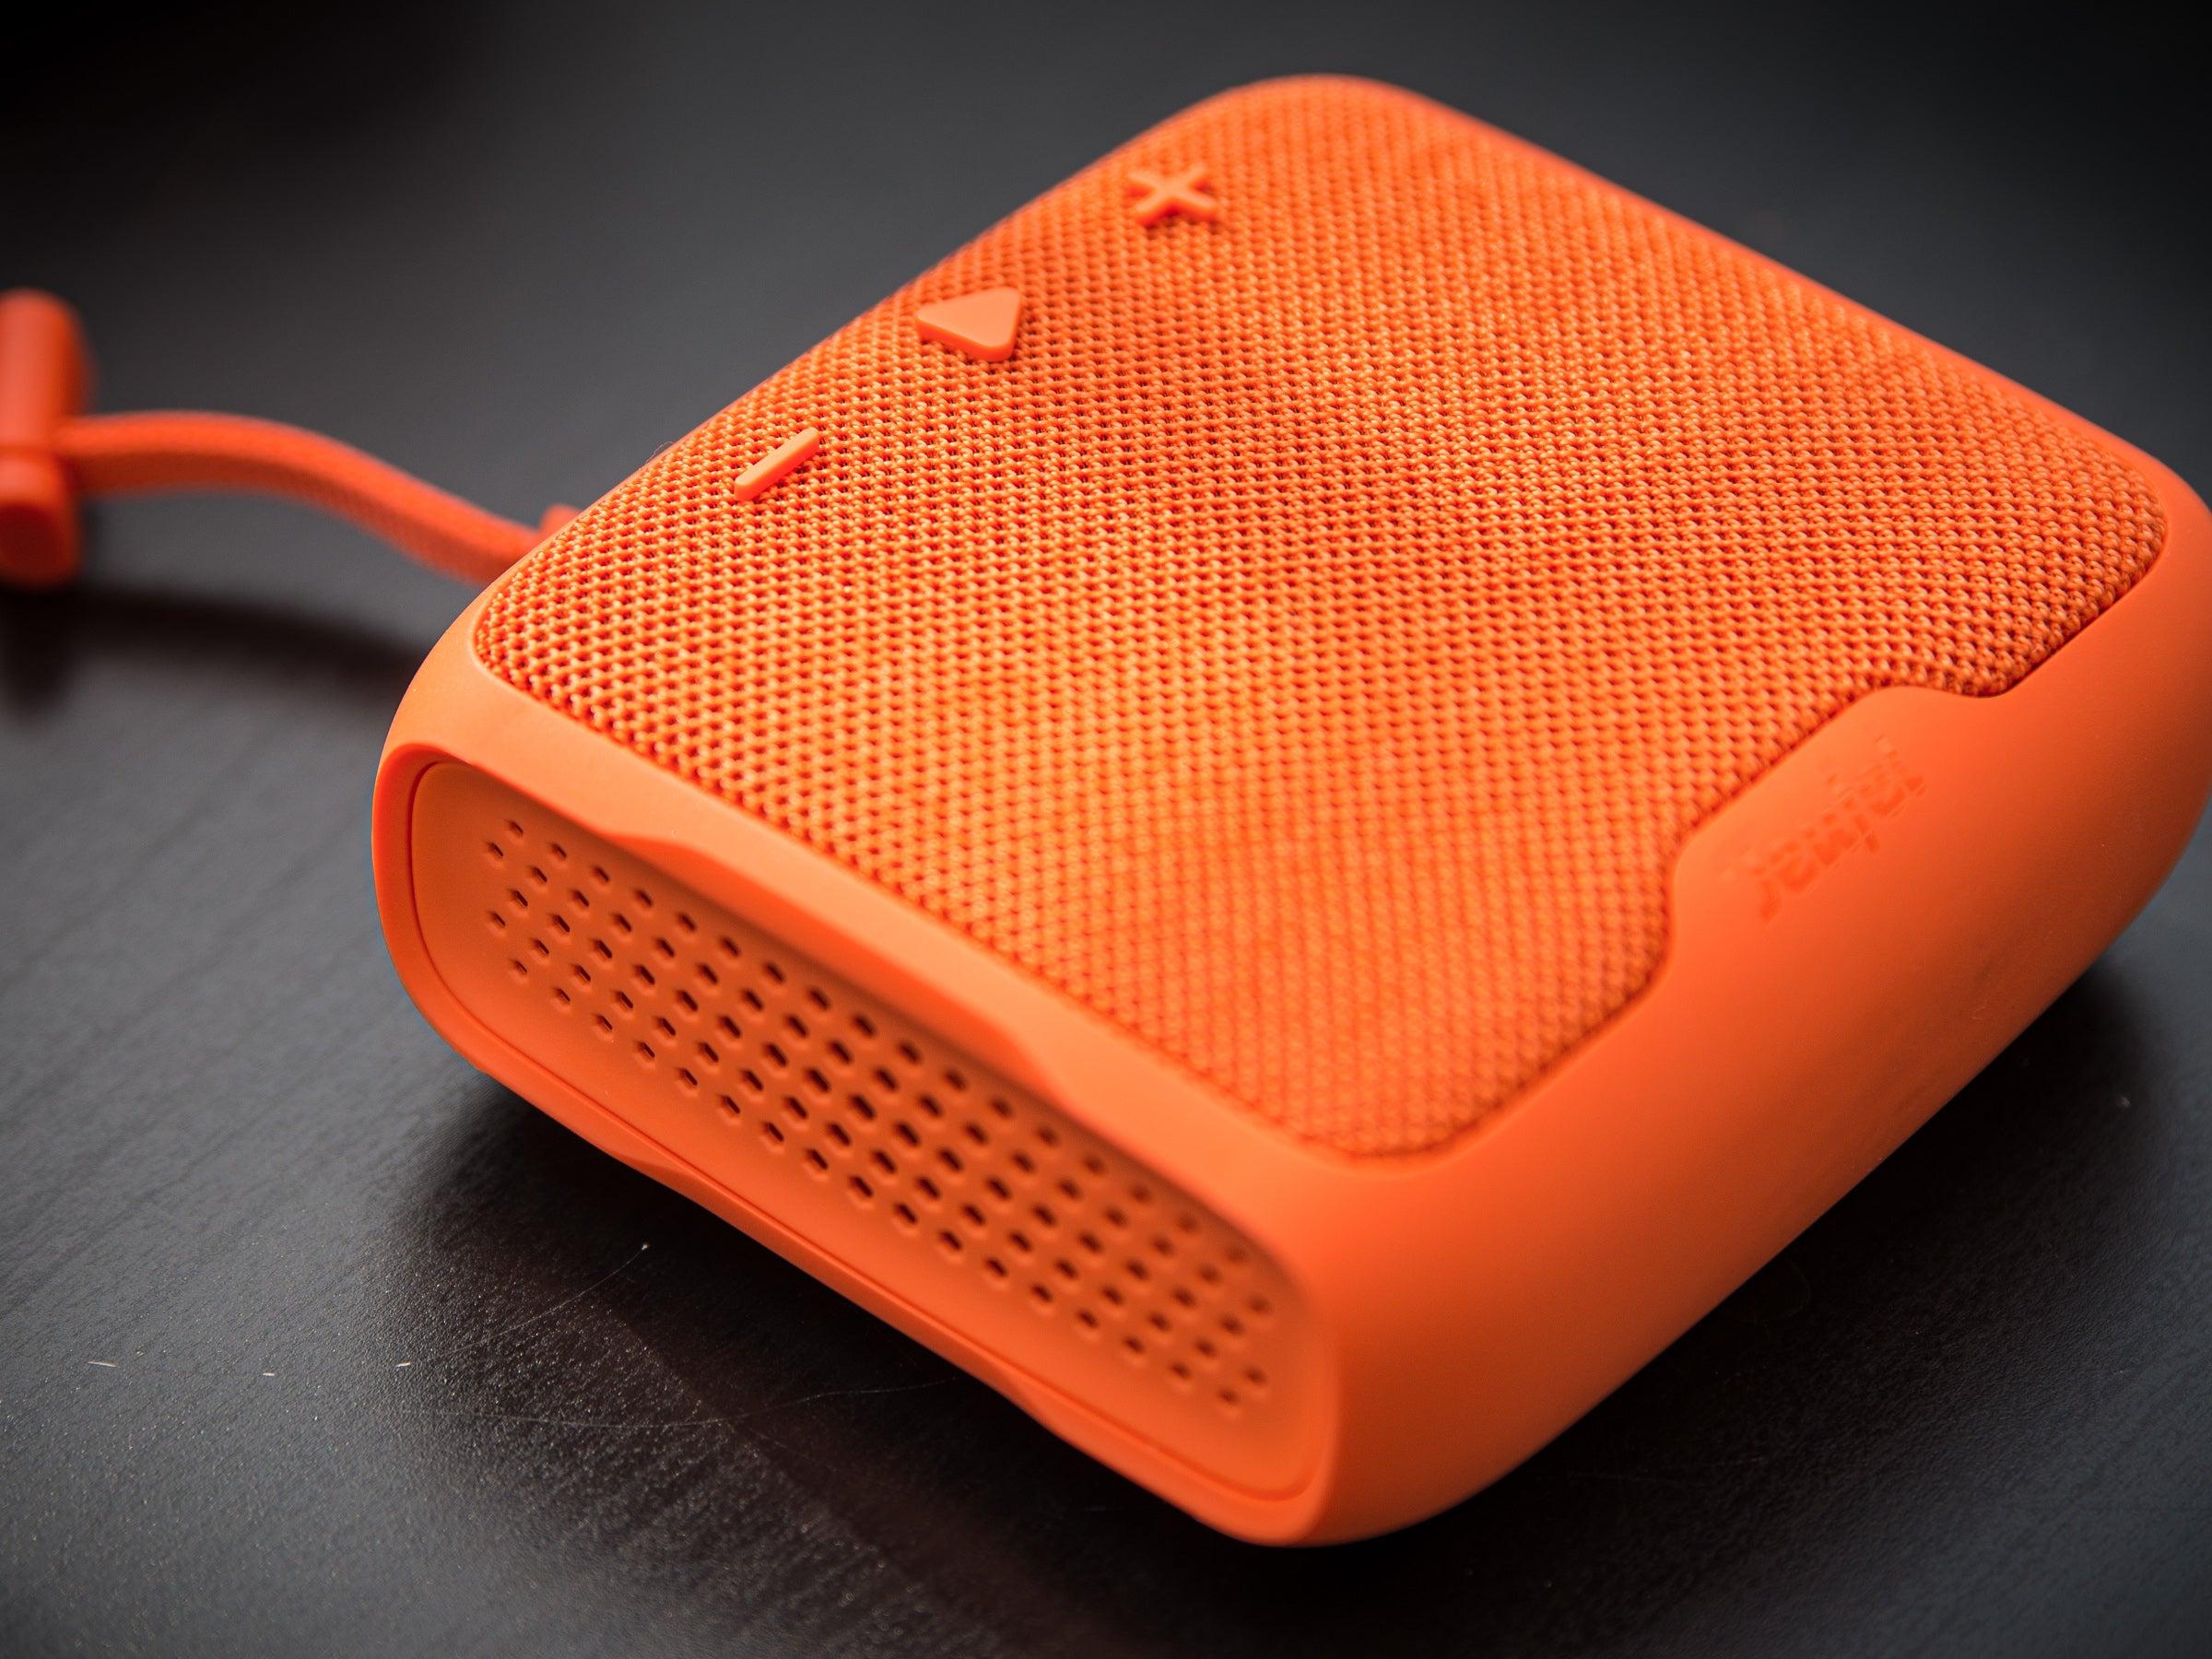 In der Farbe Orange ist der Teufel Boomster Go ziemlich auffällig